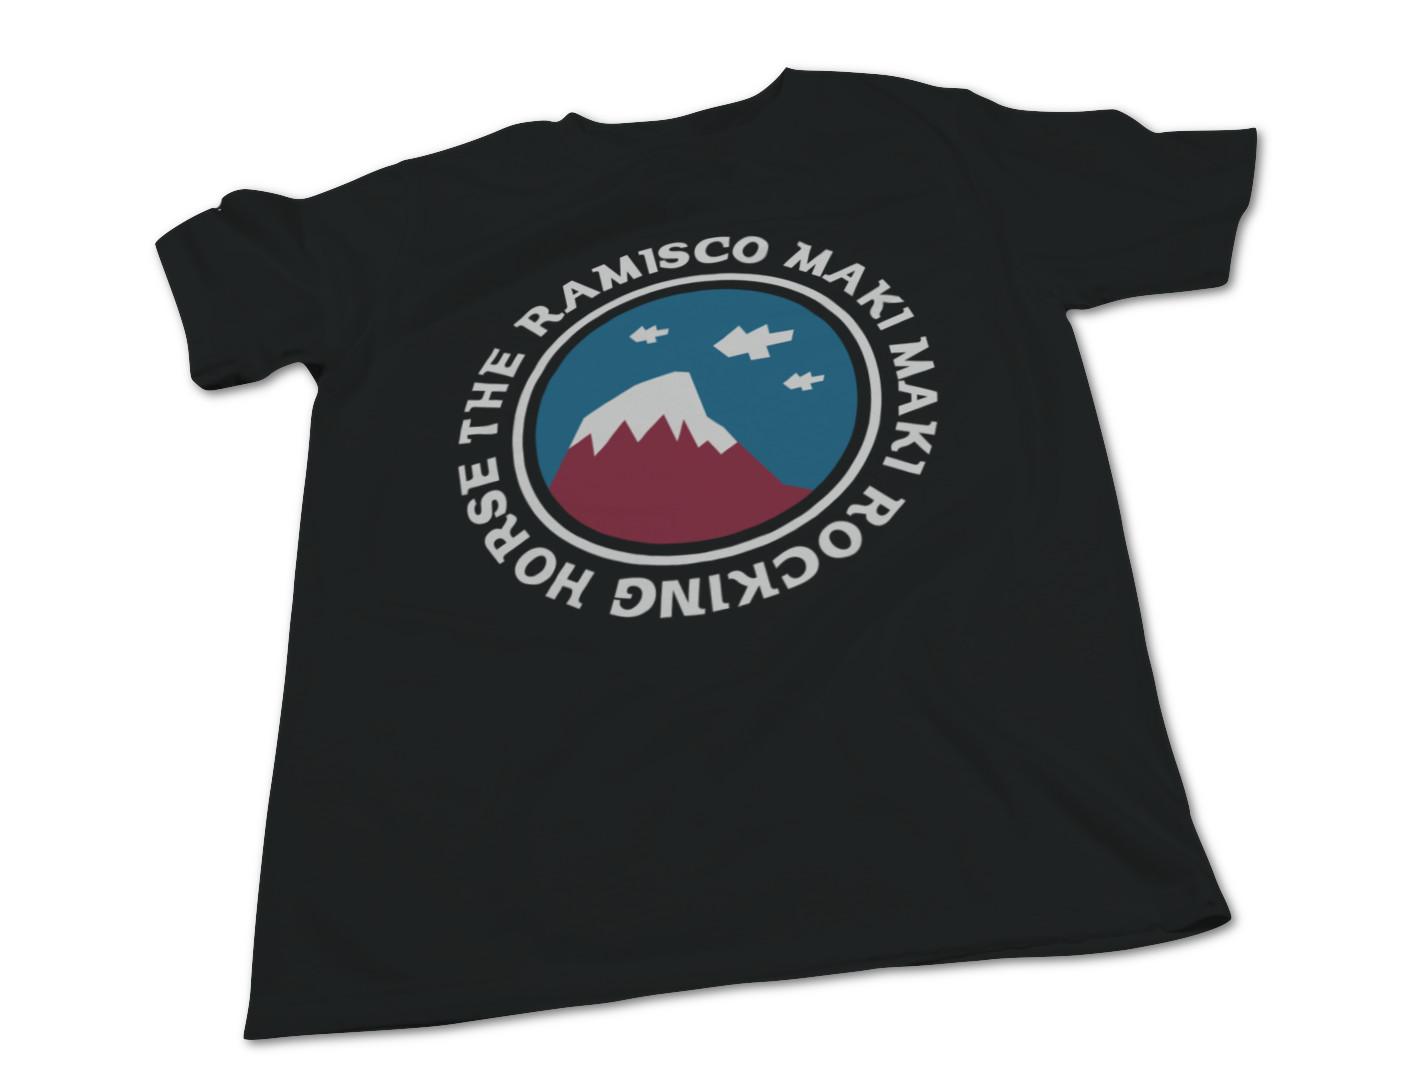 The ramisco maki maki rocking horse mountain tee sk8aha